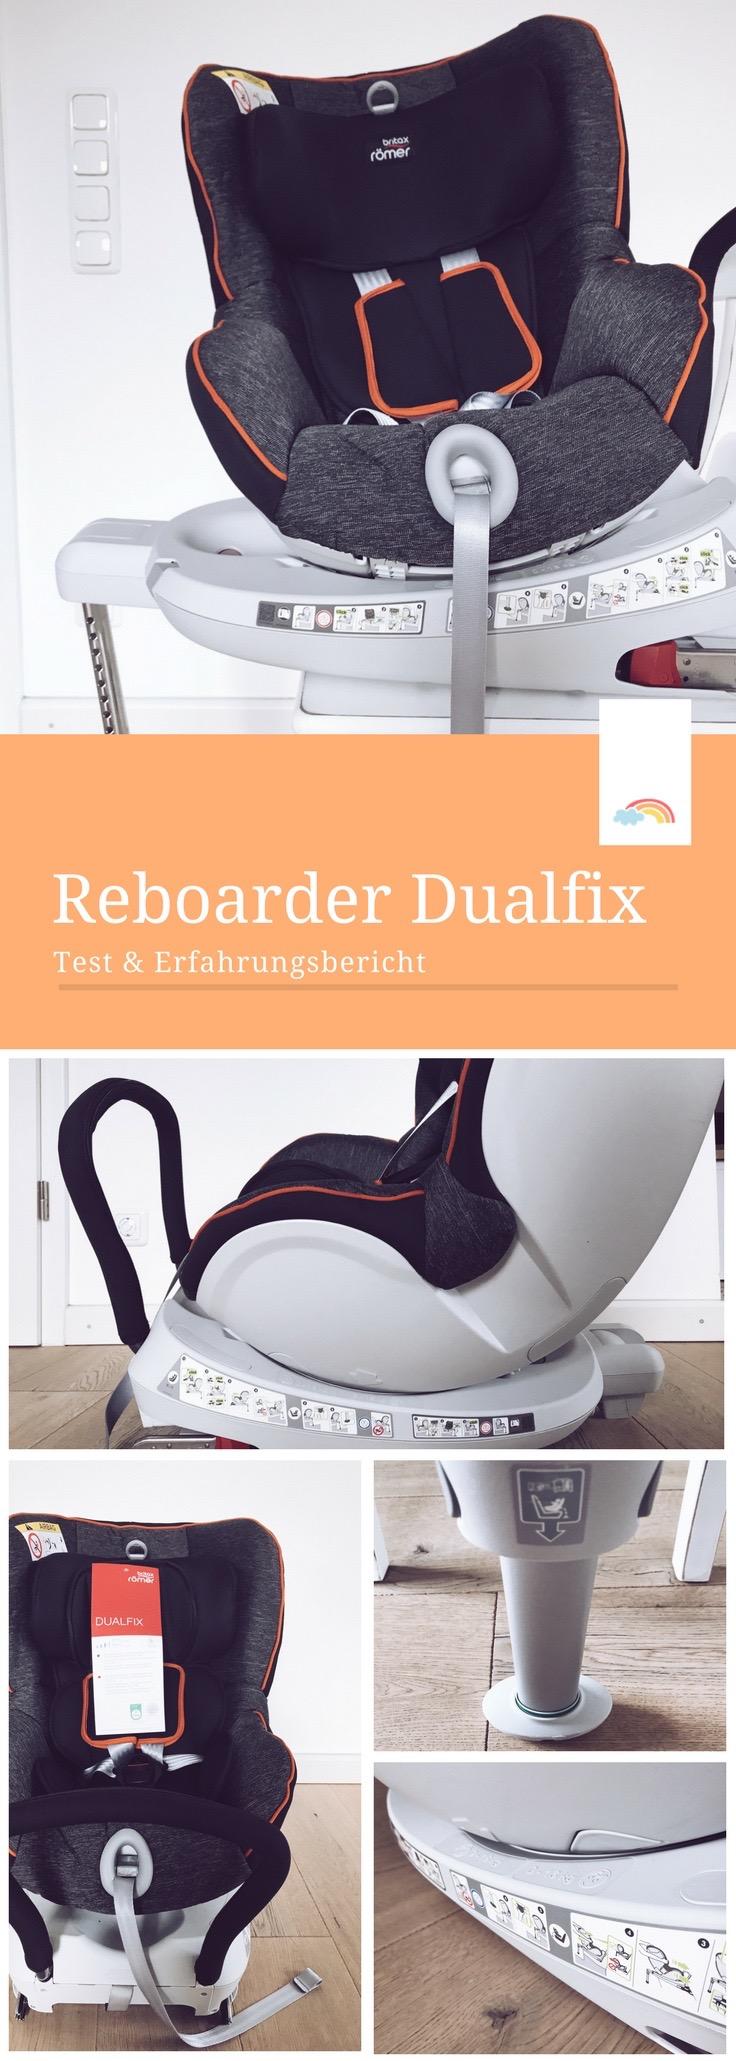 dualfix von britax roemer meine erfahrungen mit dem. Black Bedroom Furniture Sets. Home Design Ideas